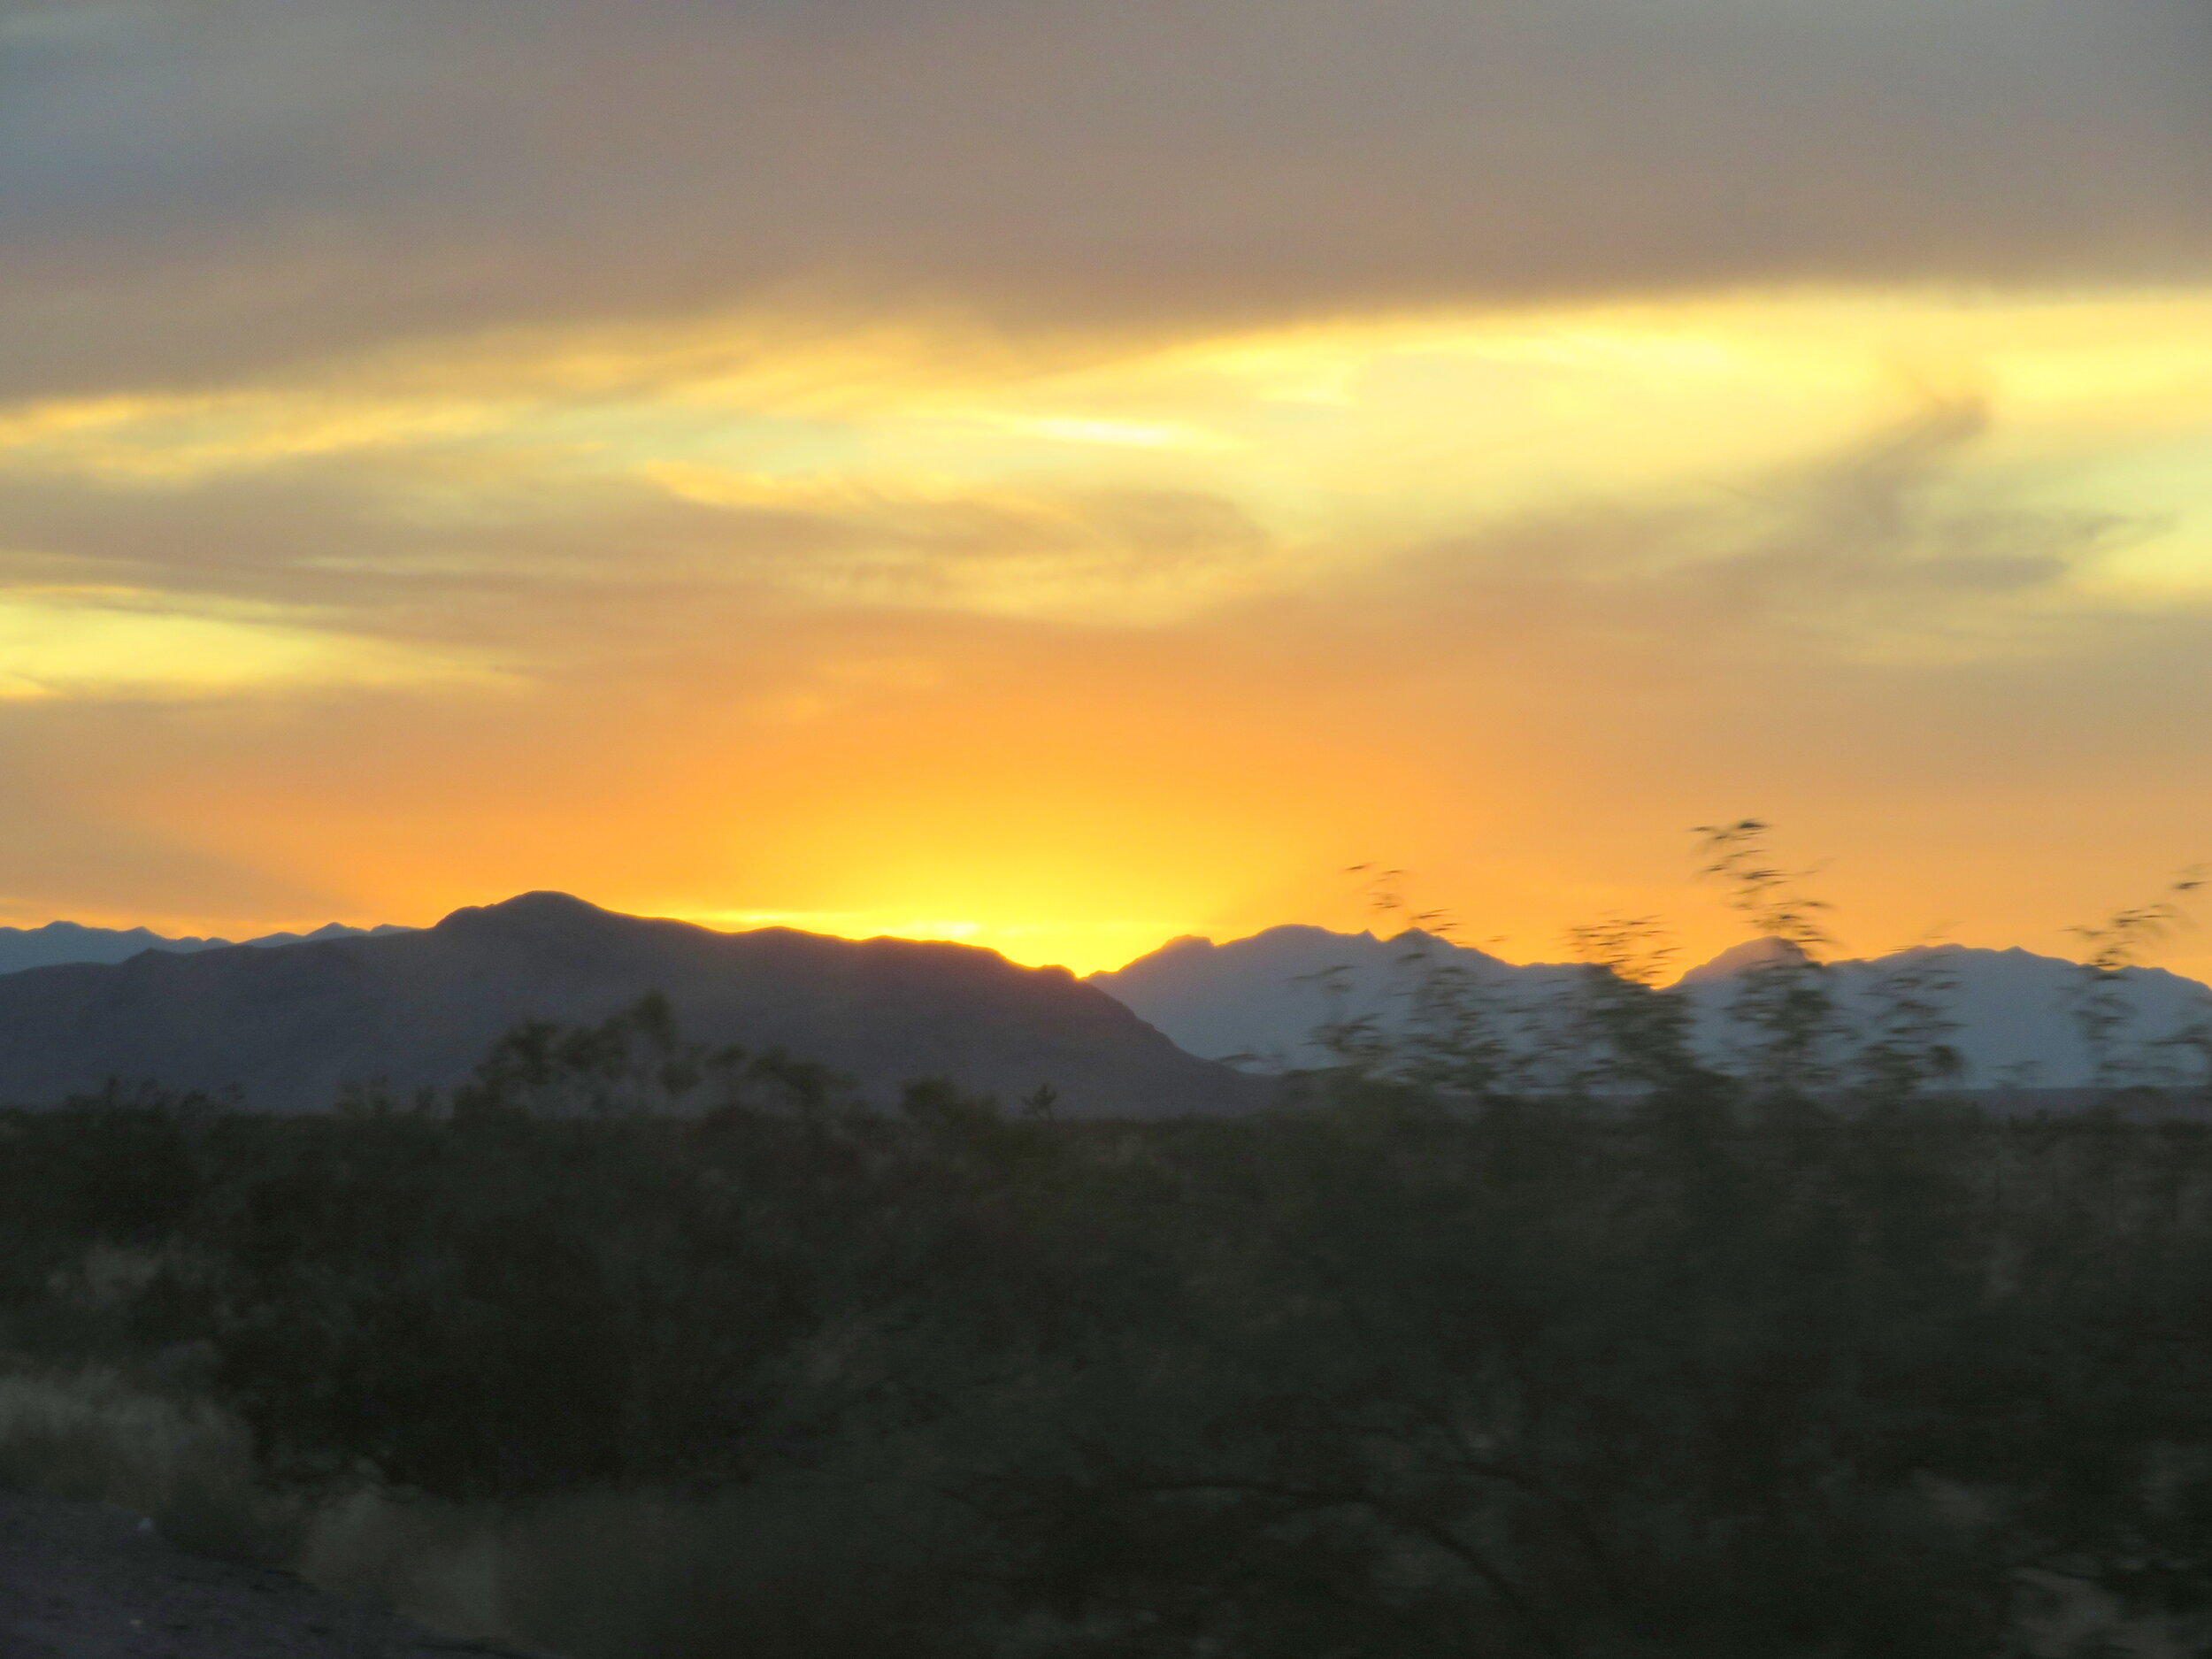 A Nevada sunset